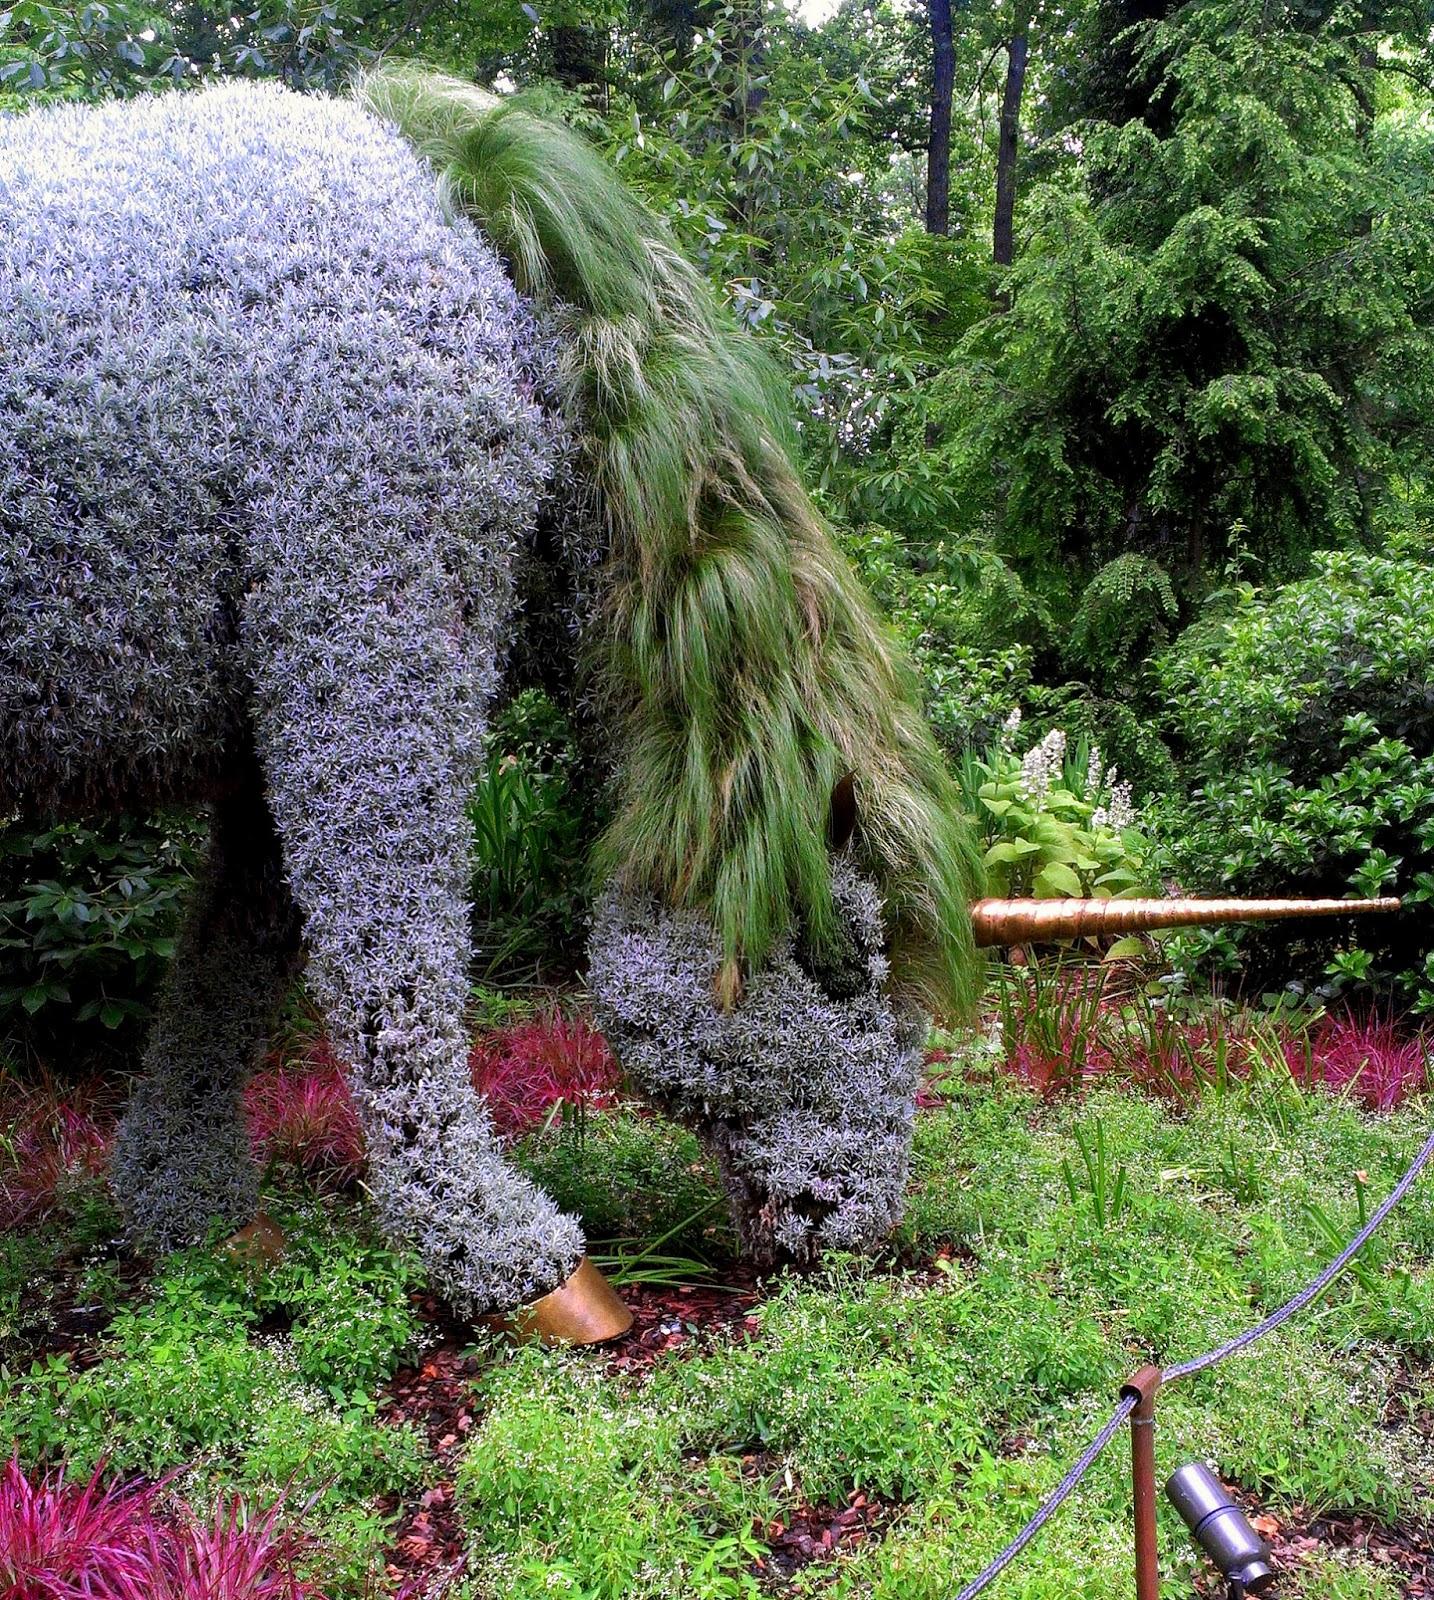 Atlanta Botanical Garden Skyline Gardens: Cecilia Young Photography